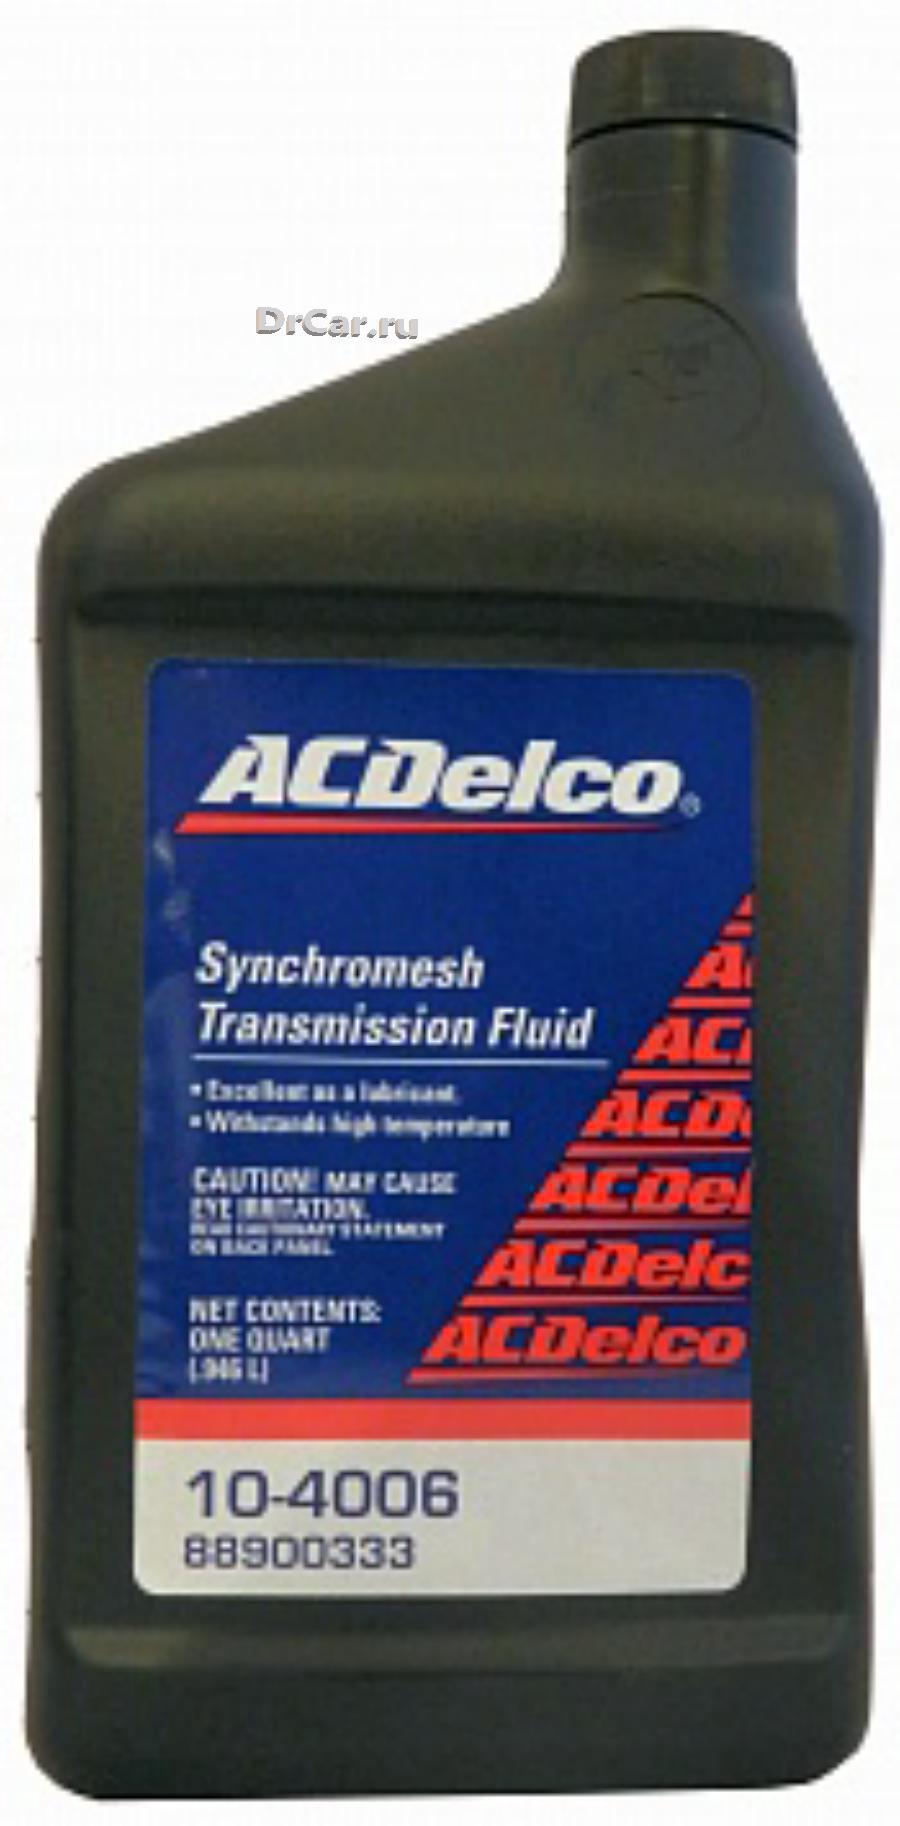 AC DELCO Synchromesh Transmission Fluid